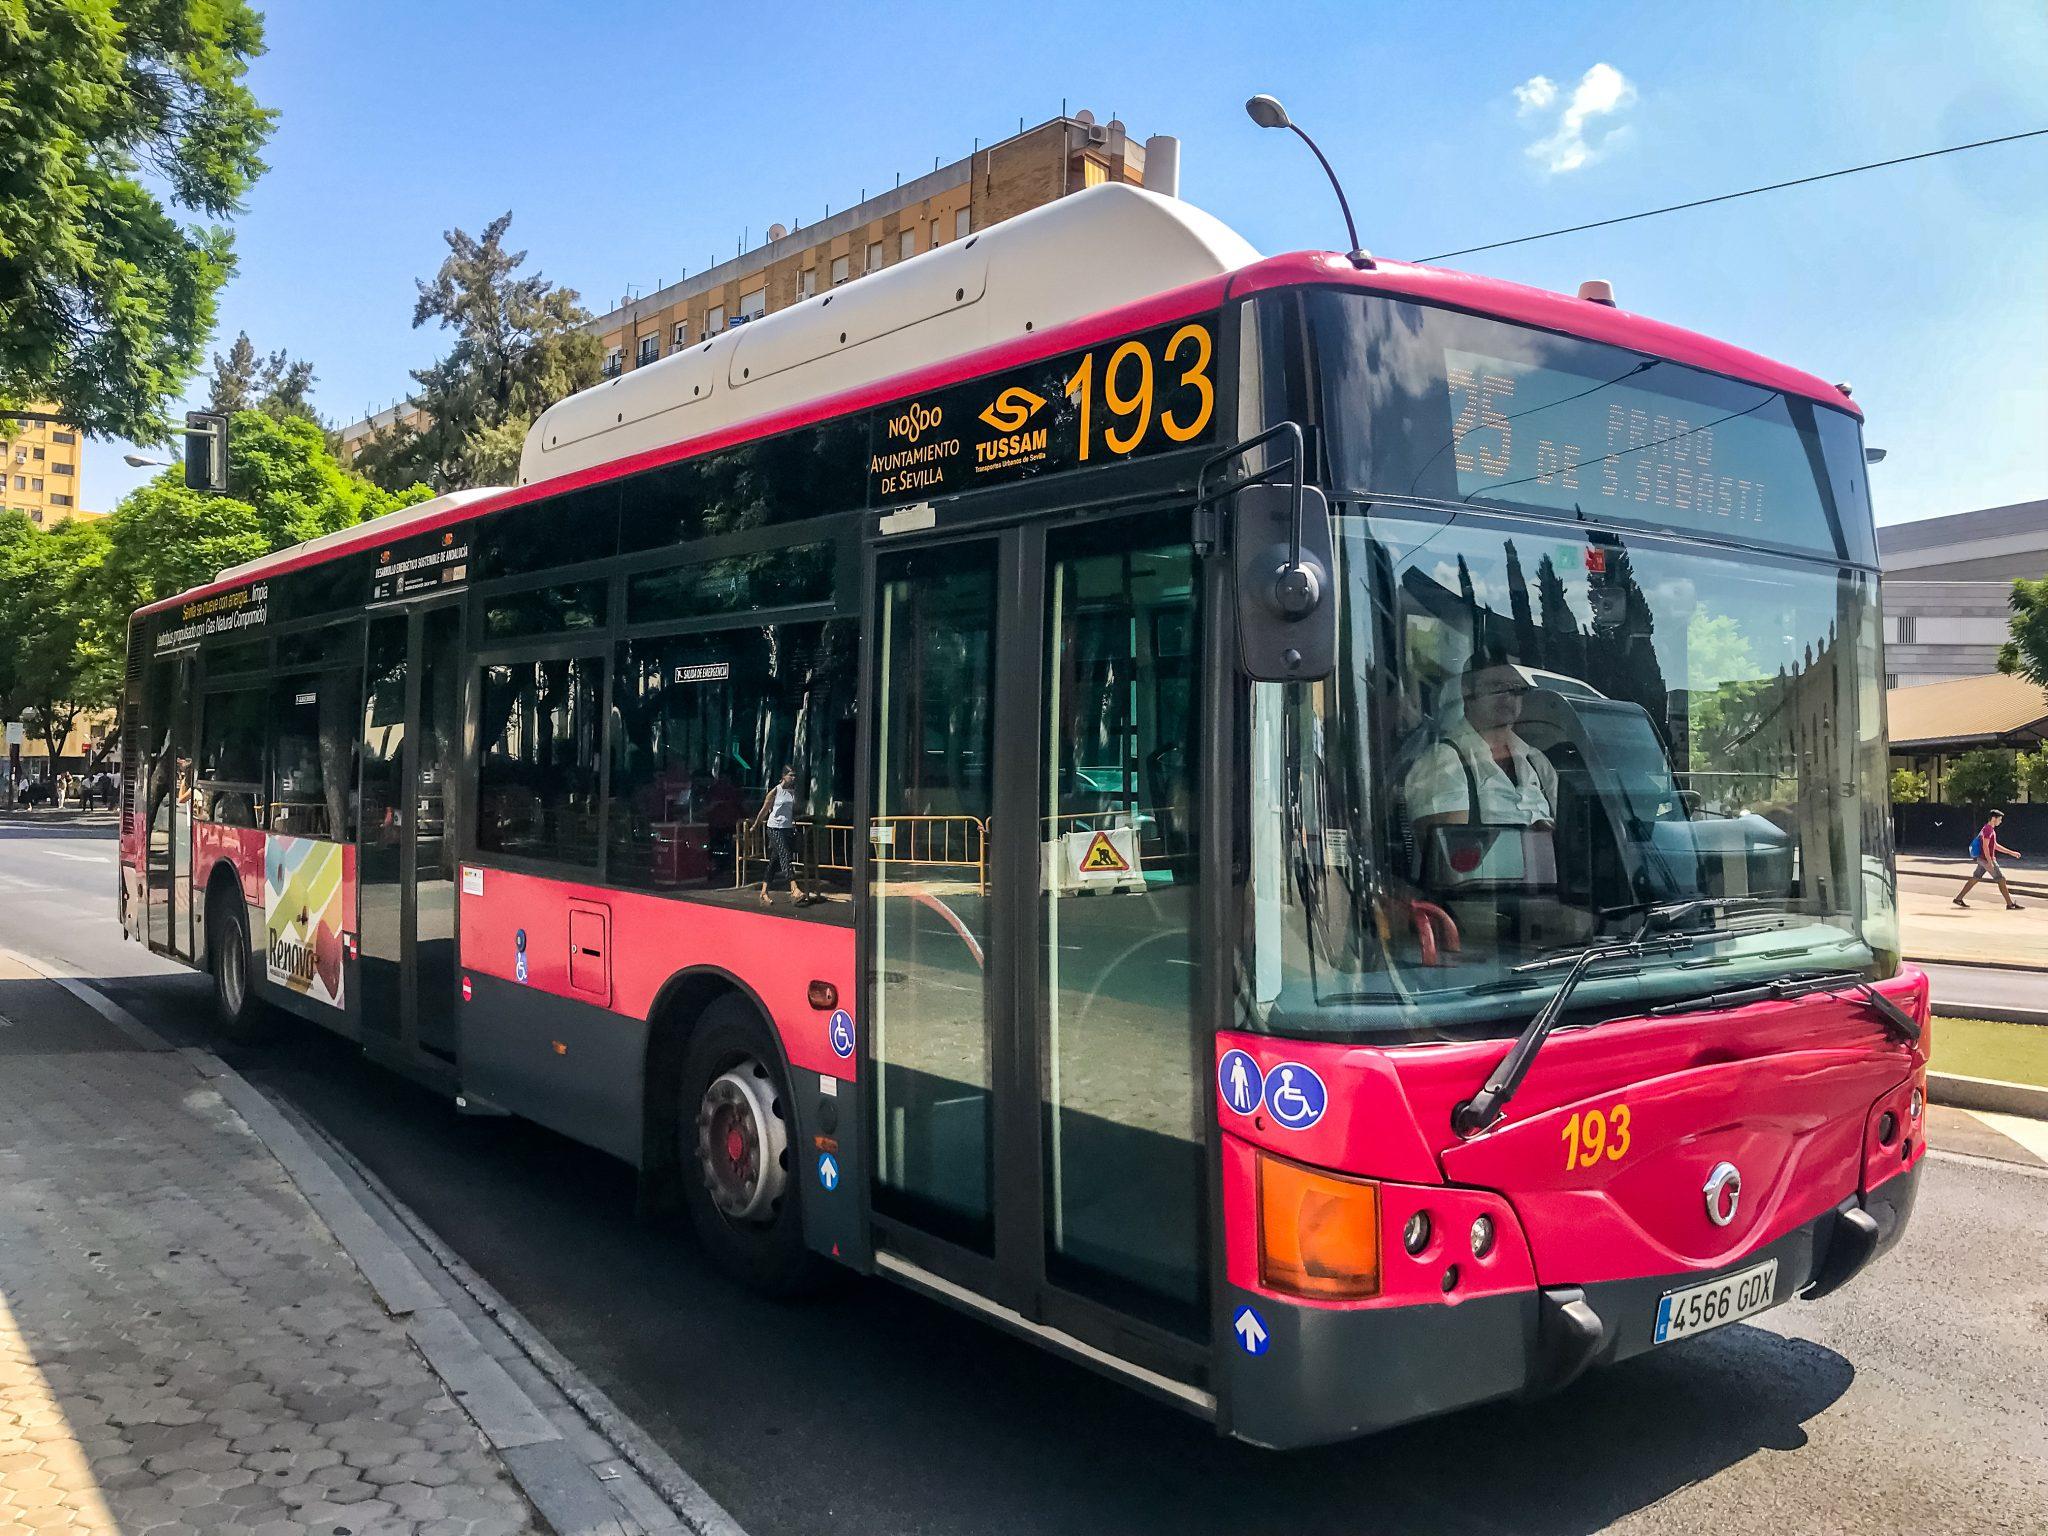 So sehen die Busse in Sevilla aus.